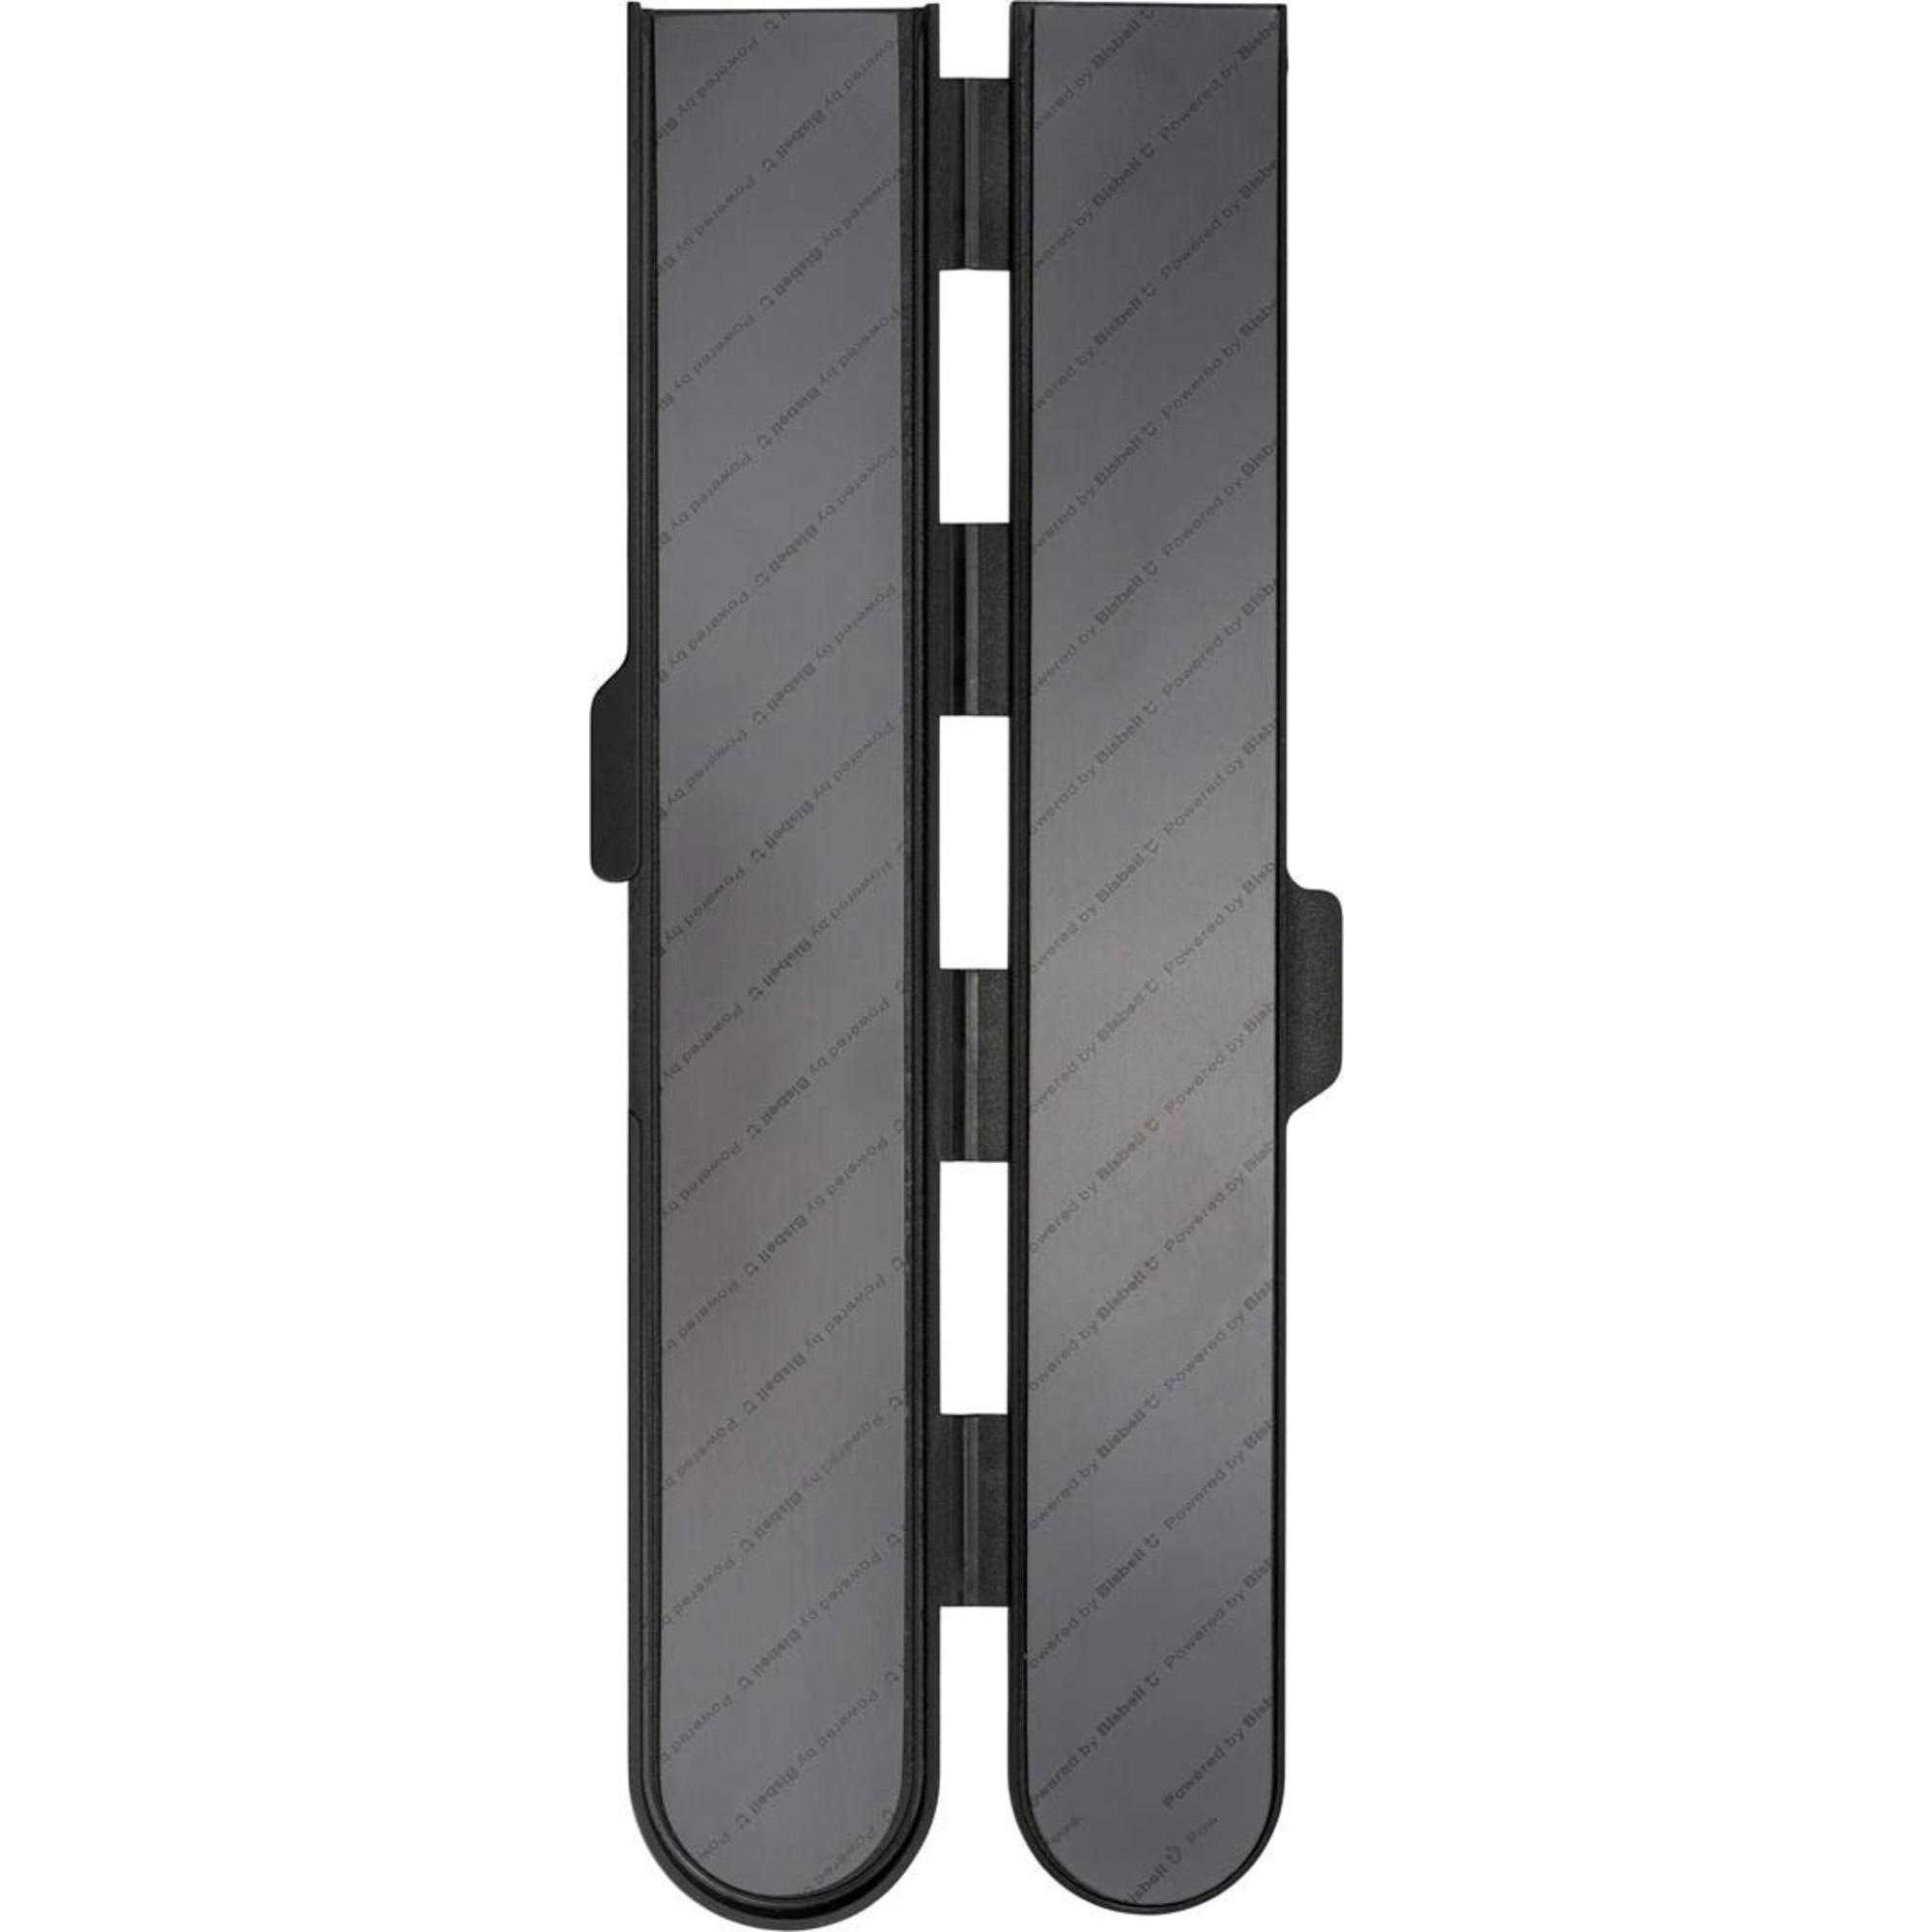 Zwilling Blade Guard Knivfodral Magnetiskt 35 x 25 cm